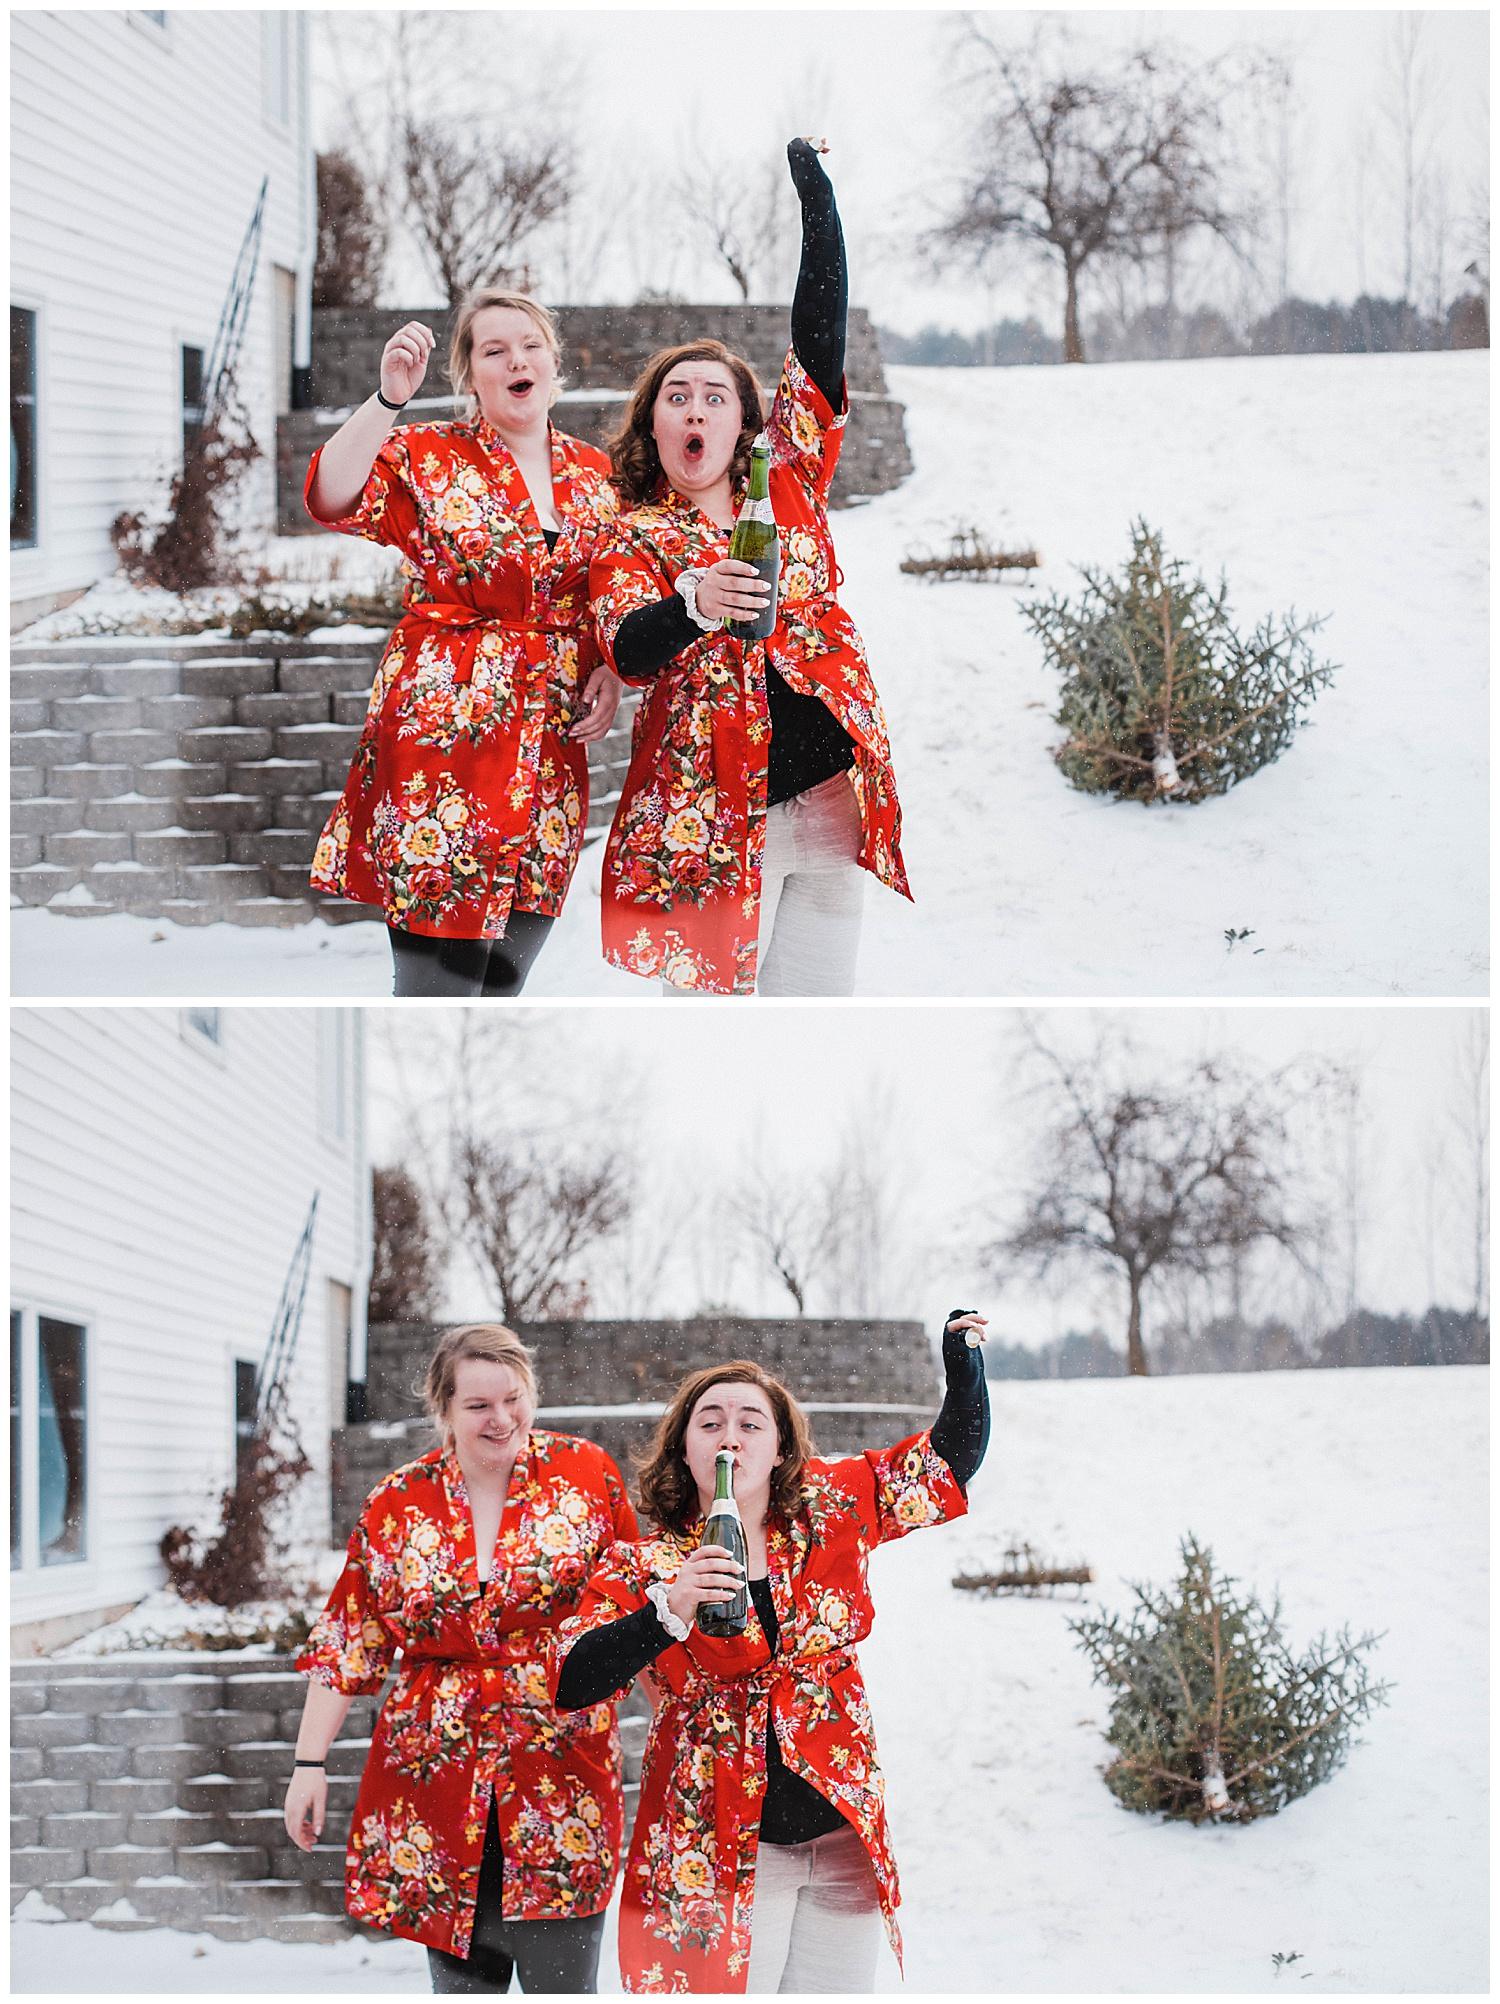 NicoleDannyWisconsinWinterWedding_MadeiraCreativePhotographyMinnesotaPhotographer.jpg